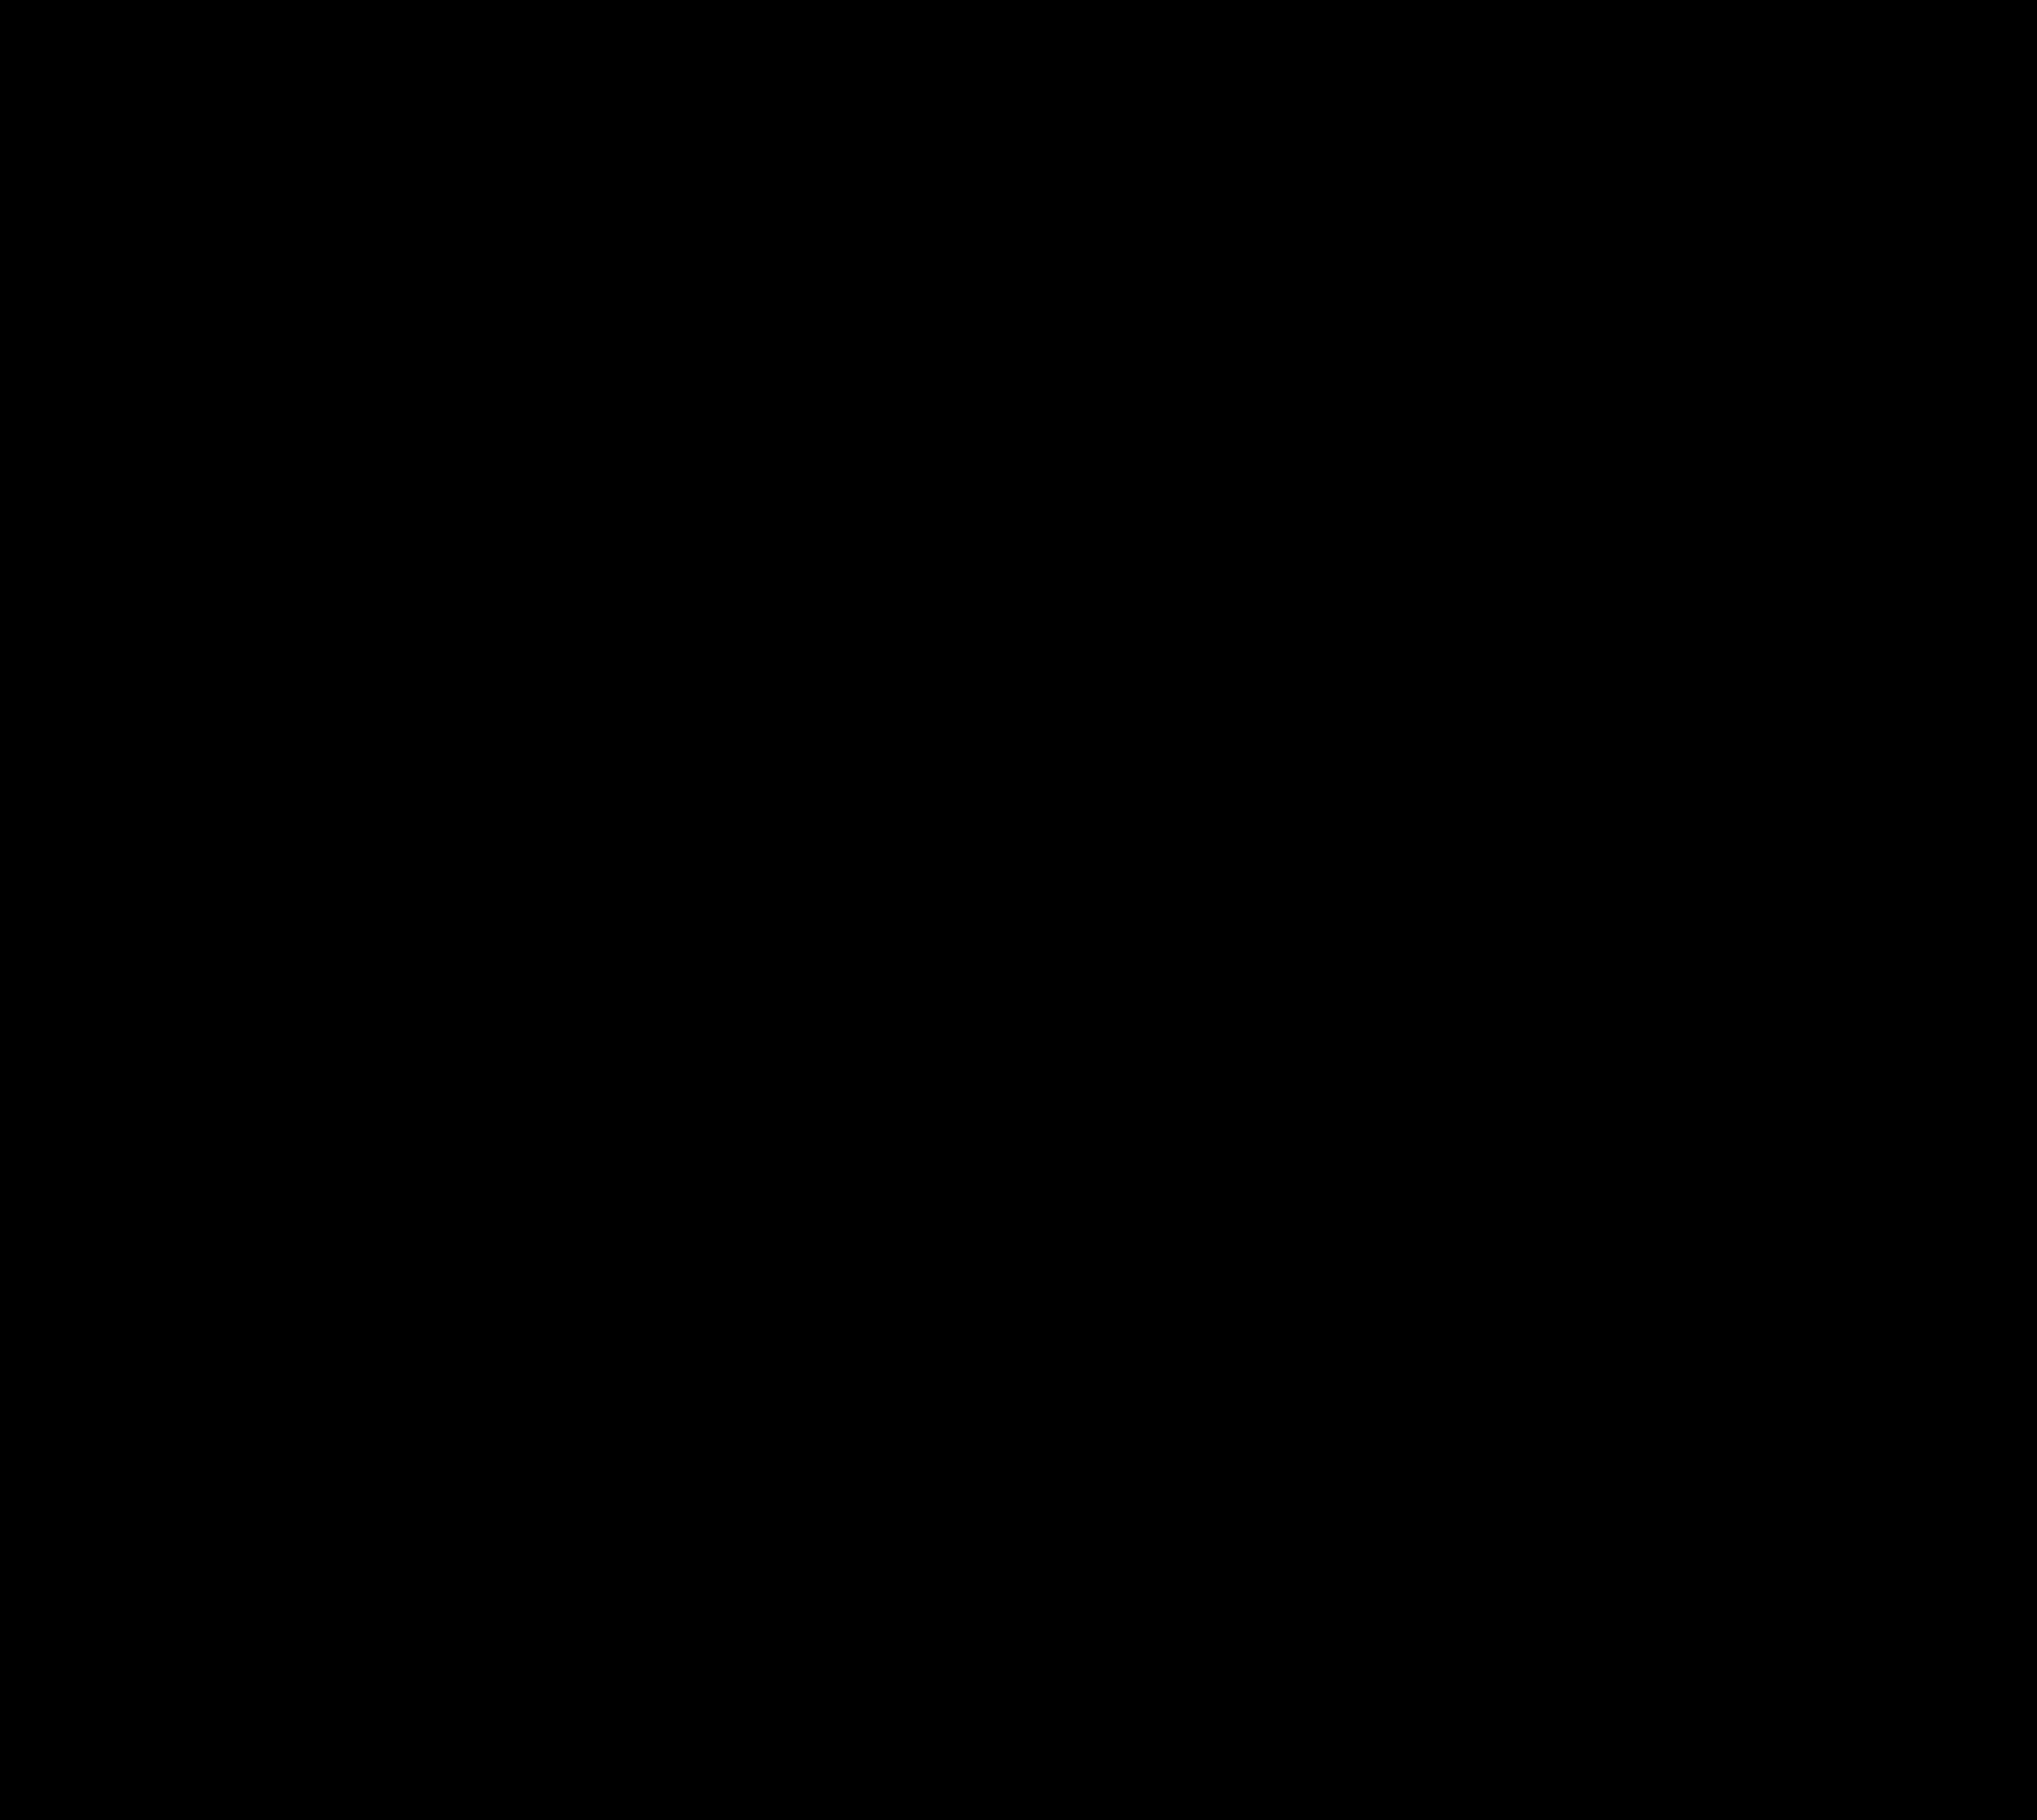 Fernand et Nadia Léger corrigeant les oeuvres des élèves de l'Académie Léger, vers 1953 © archives de l'expert